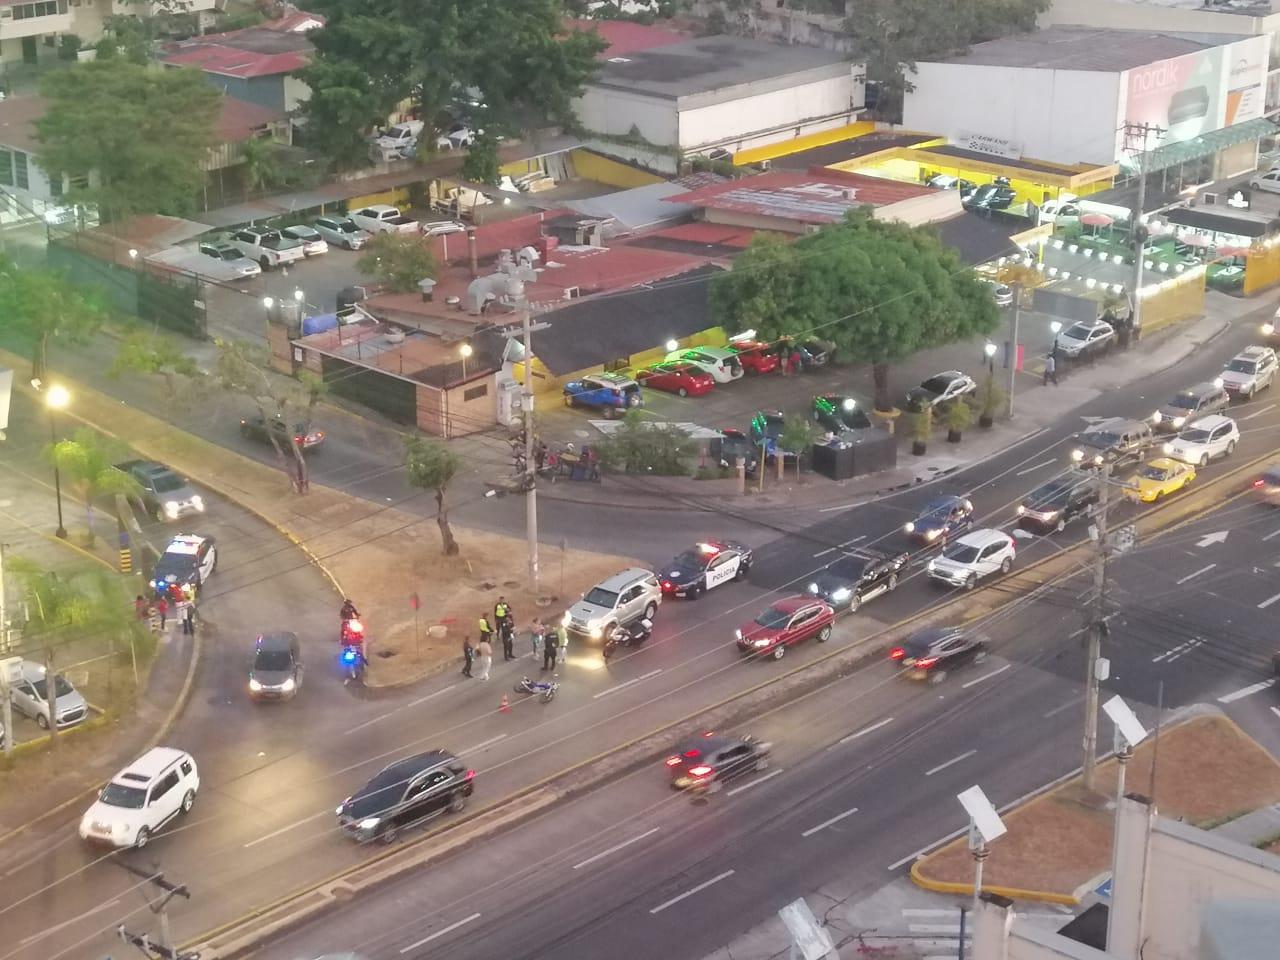 El hecho se registró a la altura de La Alameda, sobre la Vía Ricardo J. Alfaro. Foto: Cortesía.